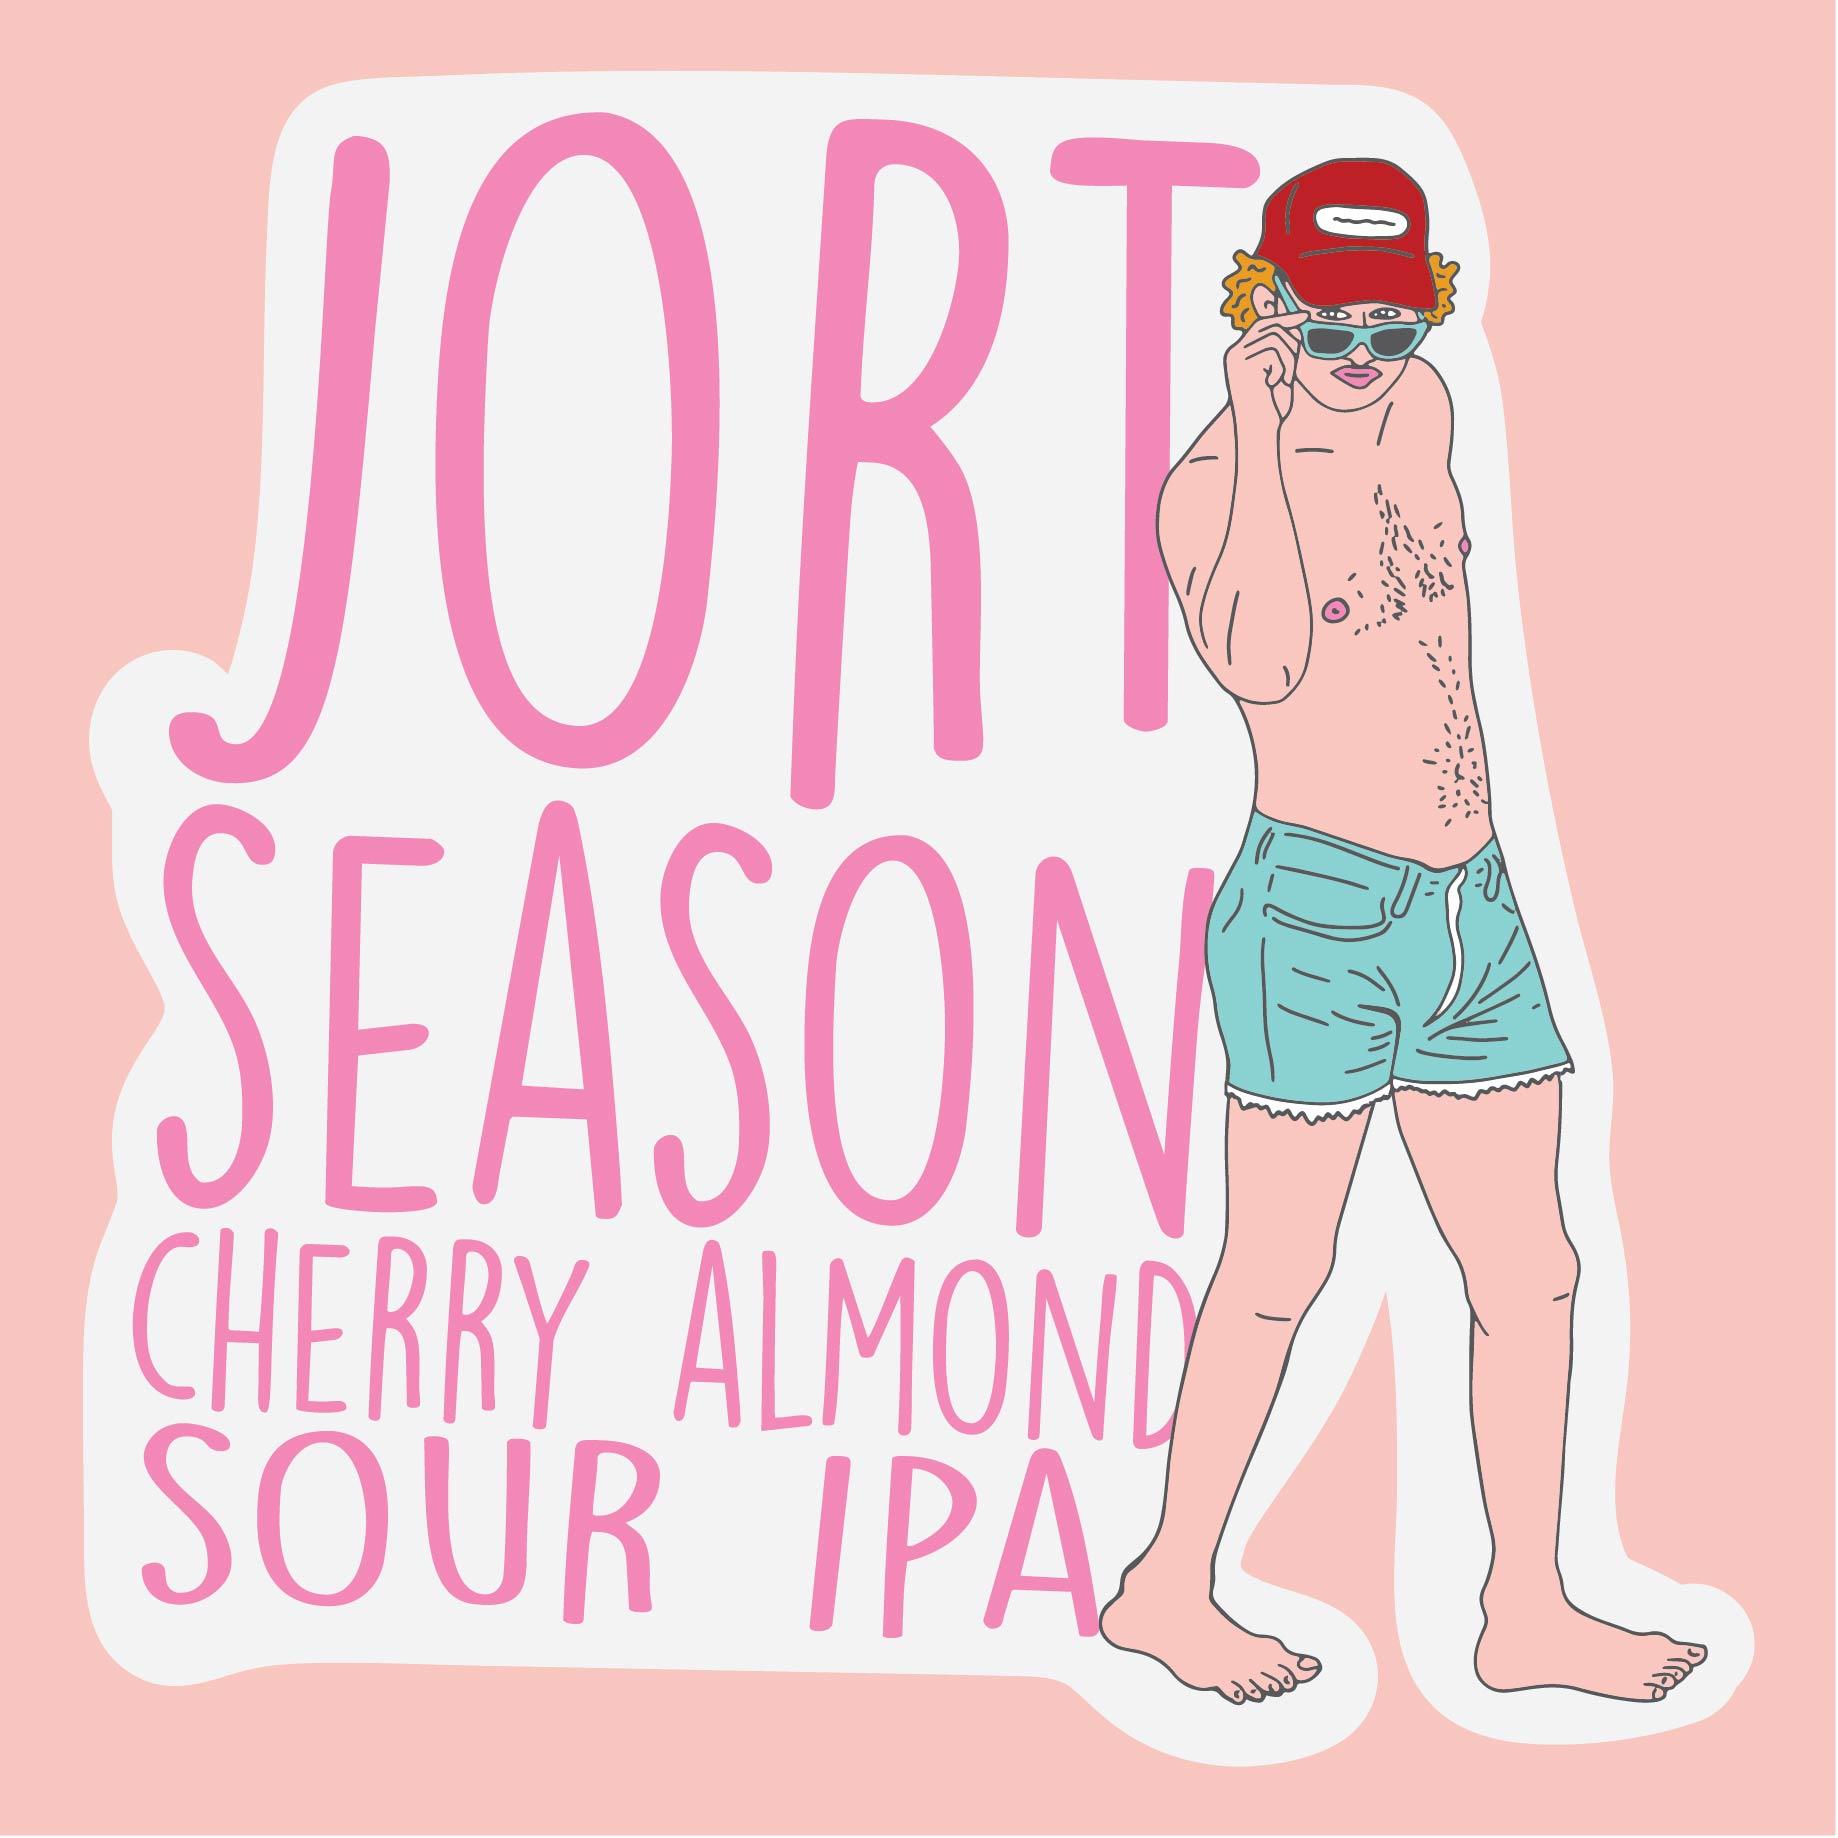 Jort Season Logo-01.jpg